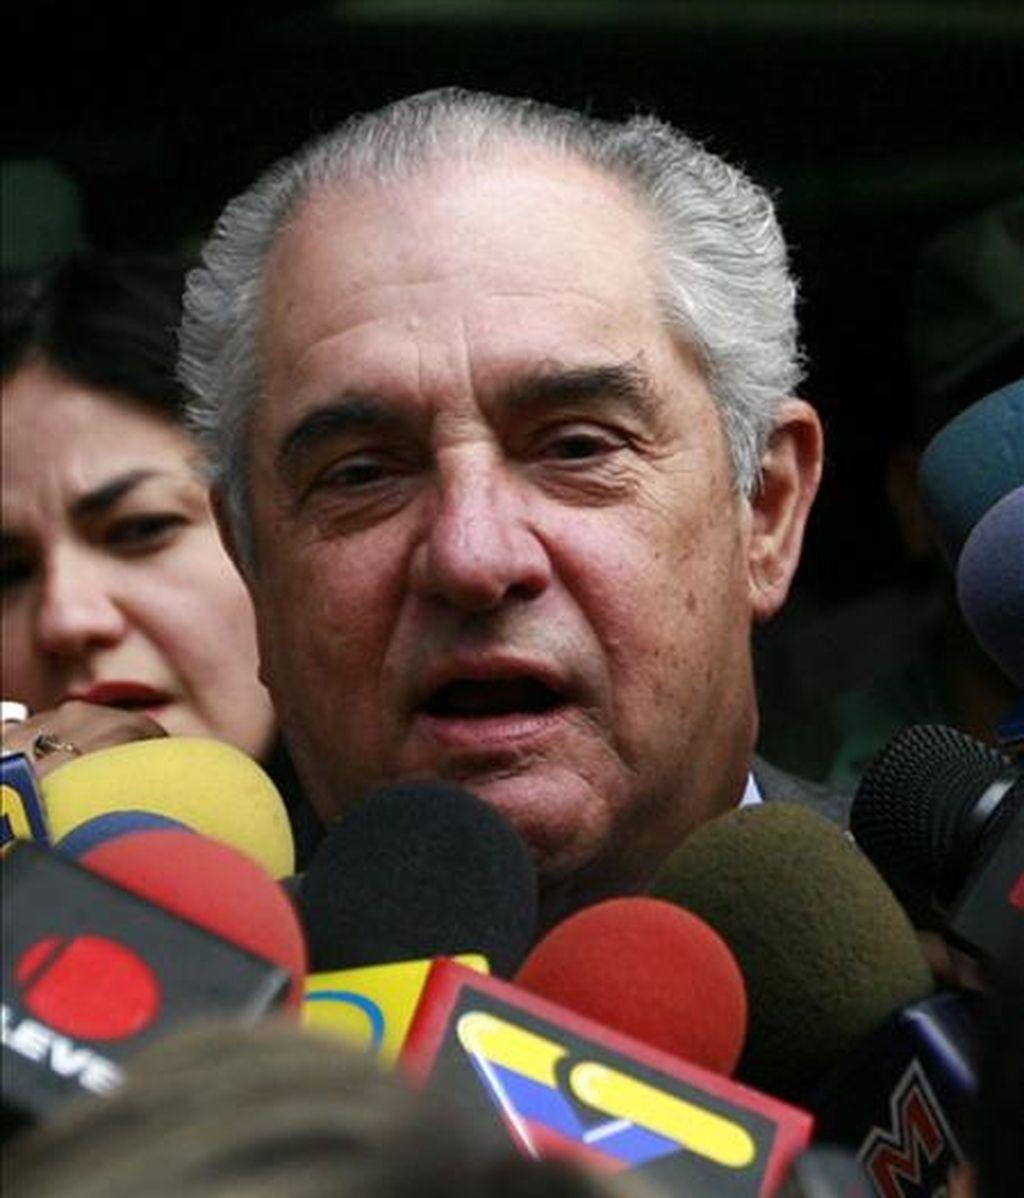 Zuloaga reclamó que las autoridades venezolanas impidieron a las cámaras de Globovisión transmitir el procedimiento de allanamiento de una de sus propiedades, que solo fue cubierto por la televisión estatal VTV. EFE/Archivo